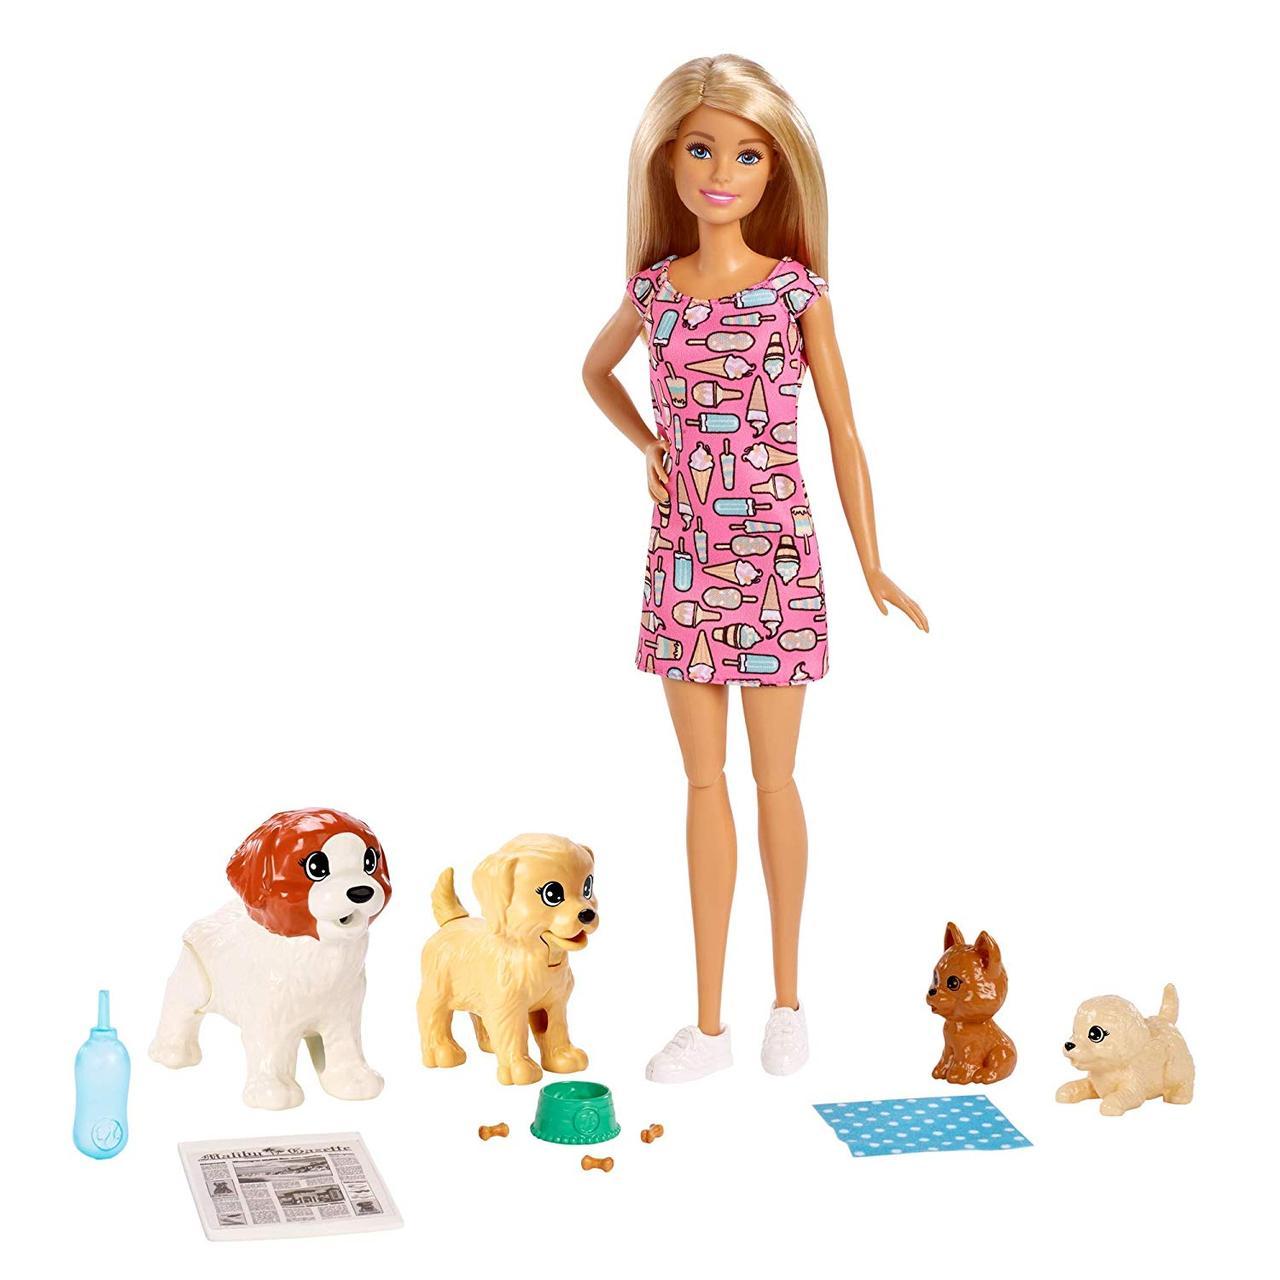 Кукла Барби Детский садик щенков уход за щенками Barbie Doggy Daycare Doll & Pets